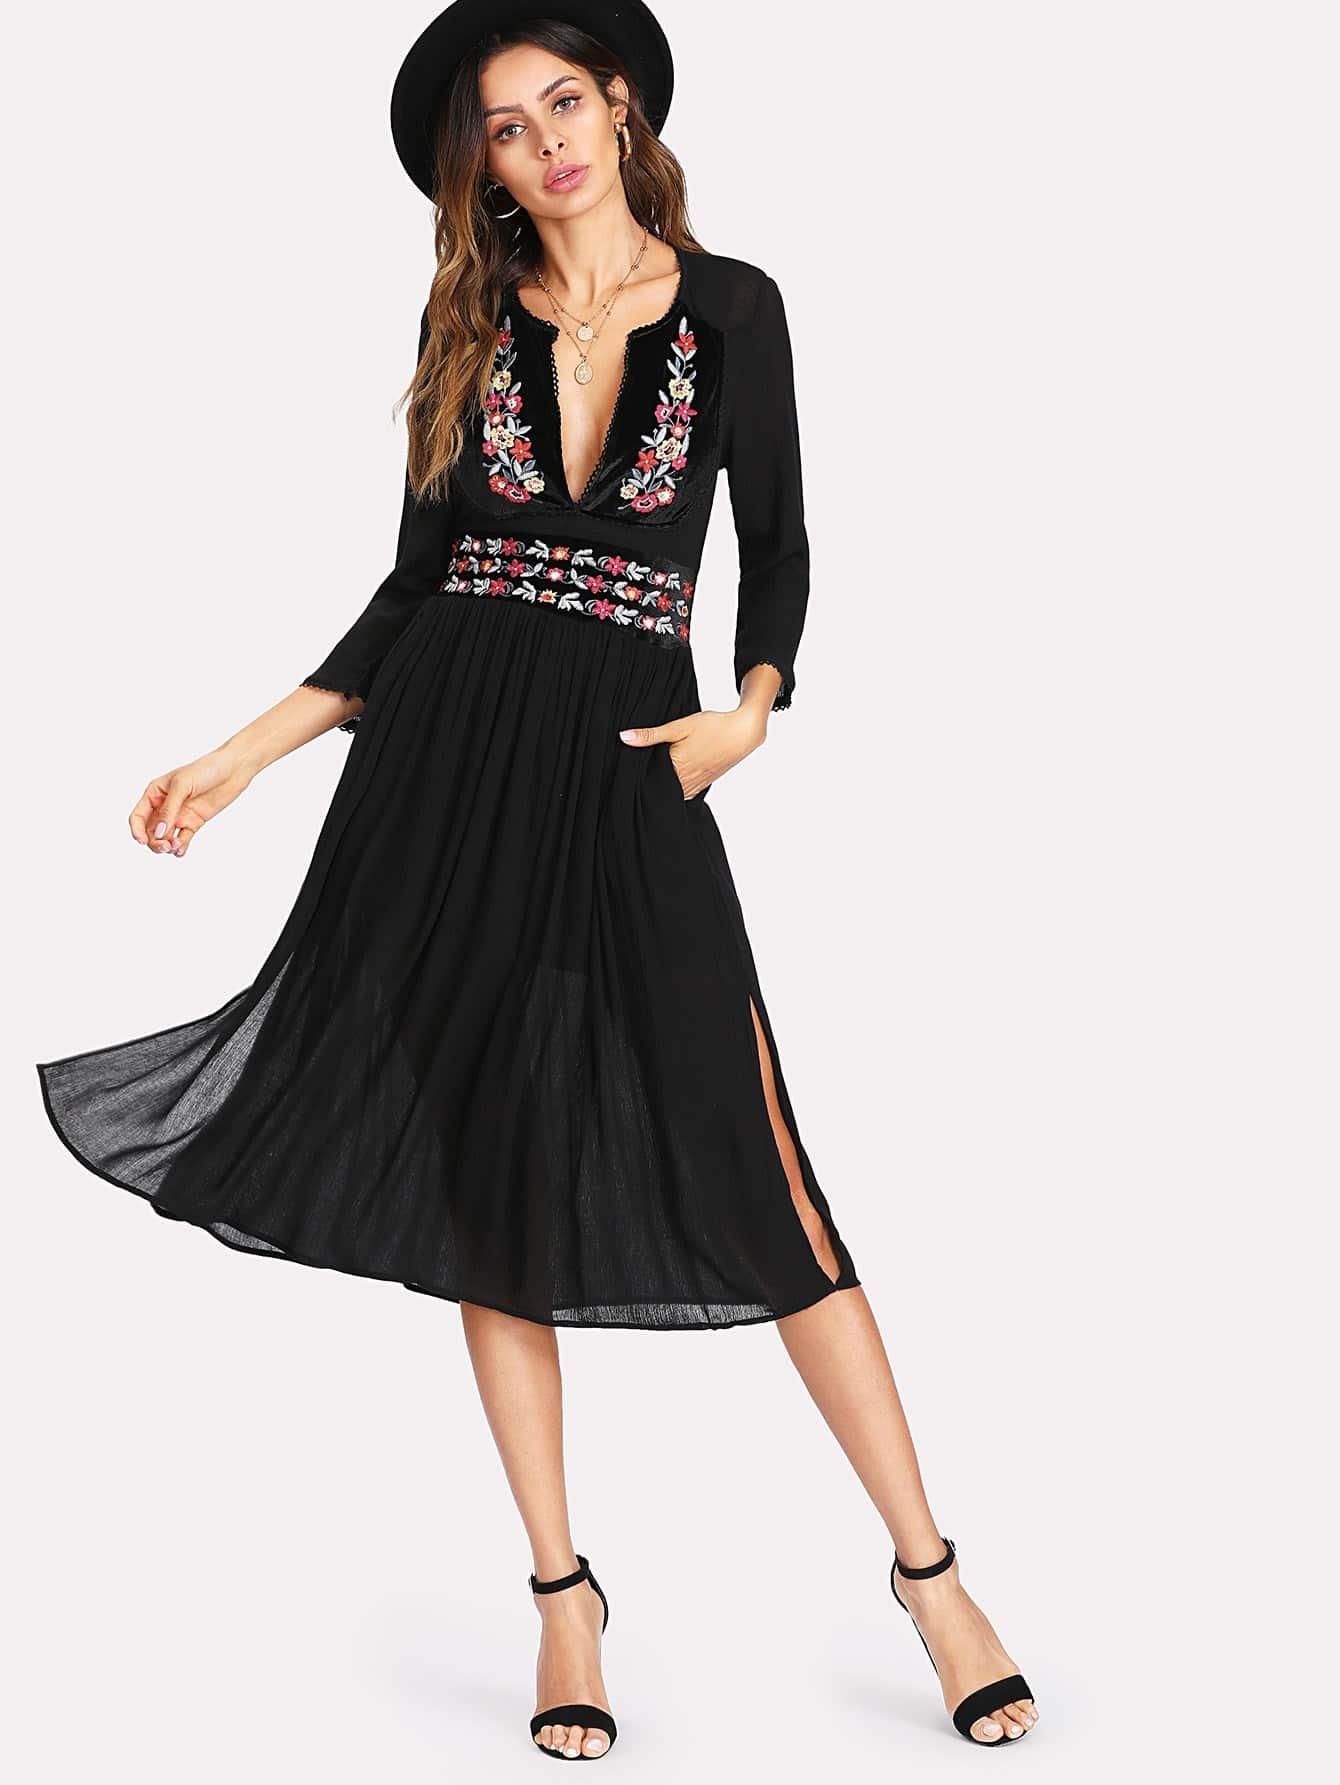 Side Slit Plunge Neckline Embroidered Dress dress180124205